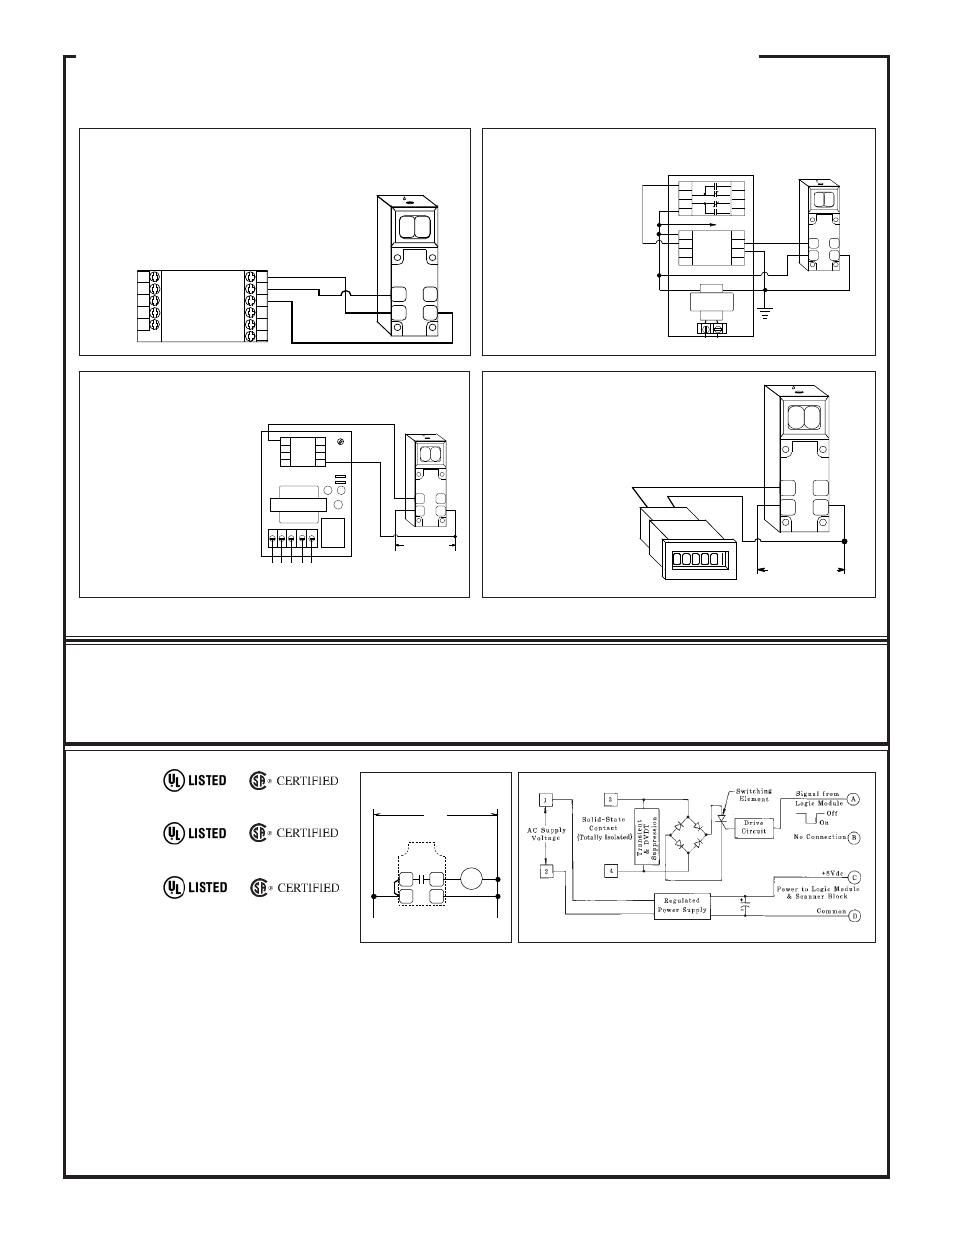 BANNER MULTI-BEAM FX1